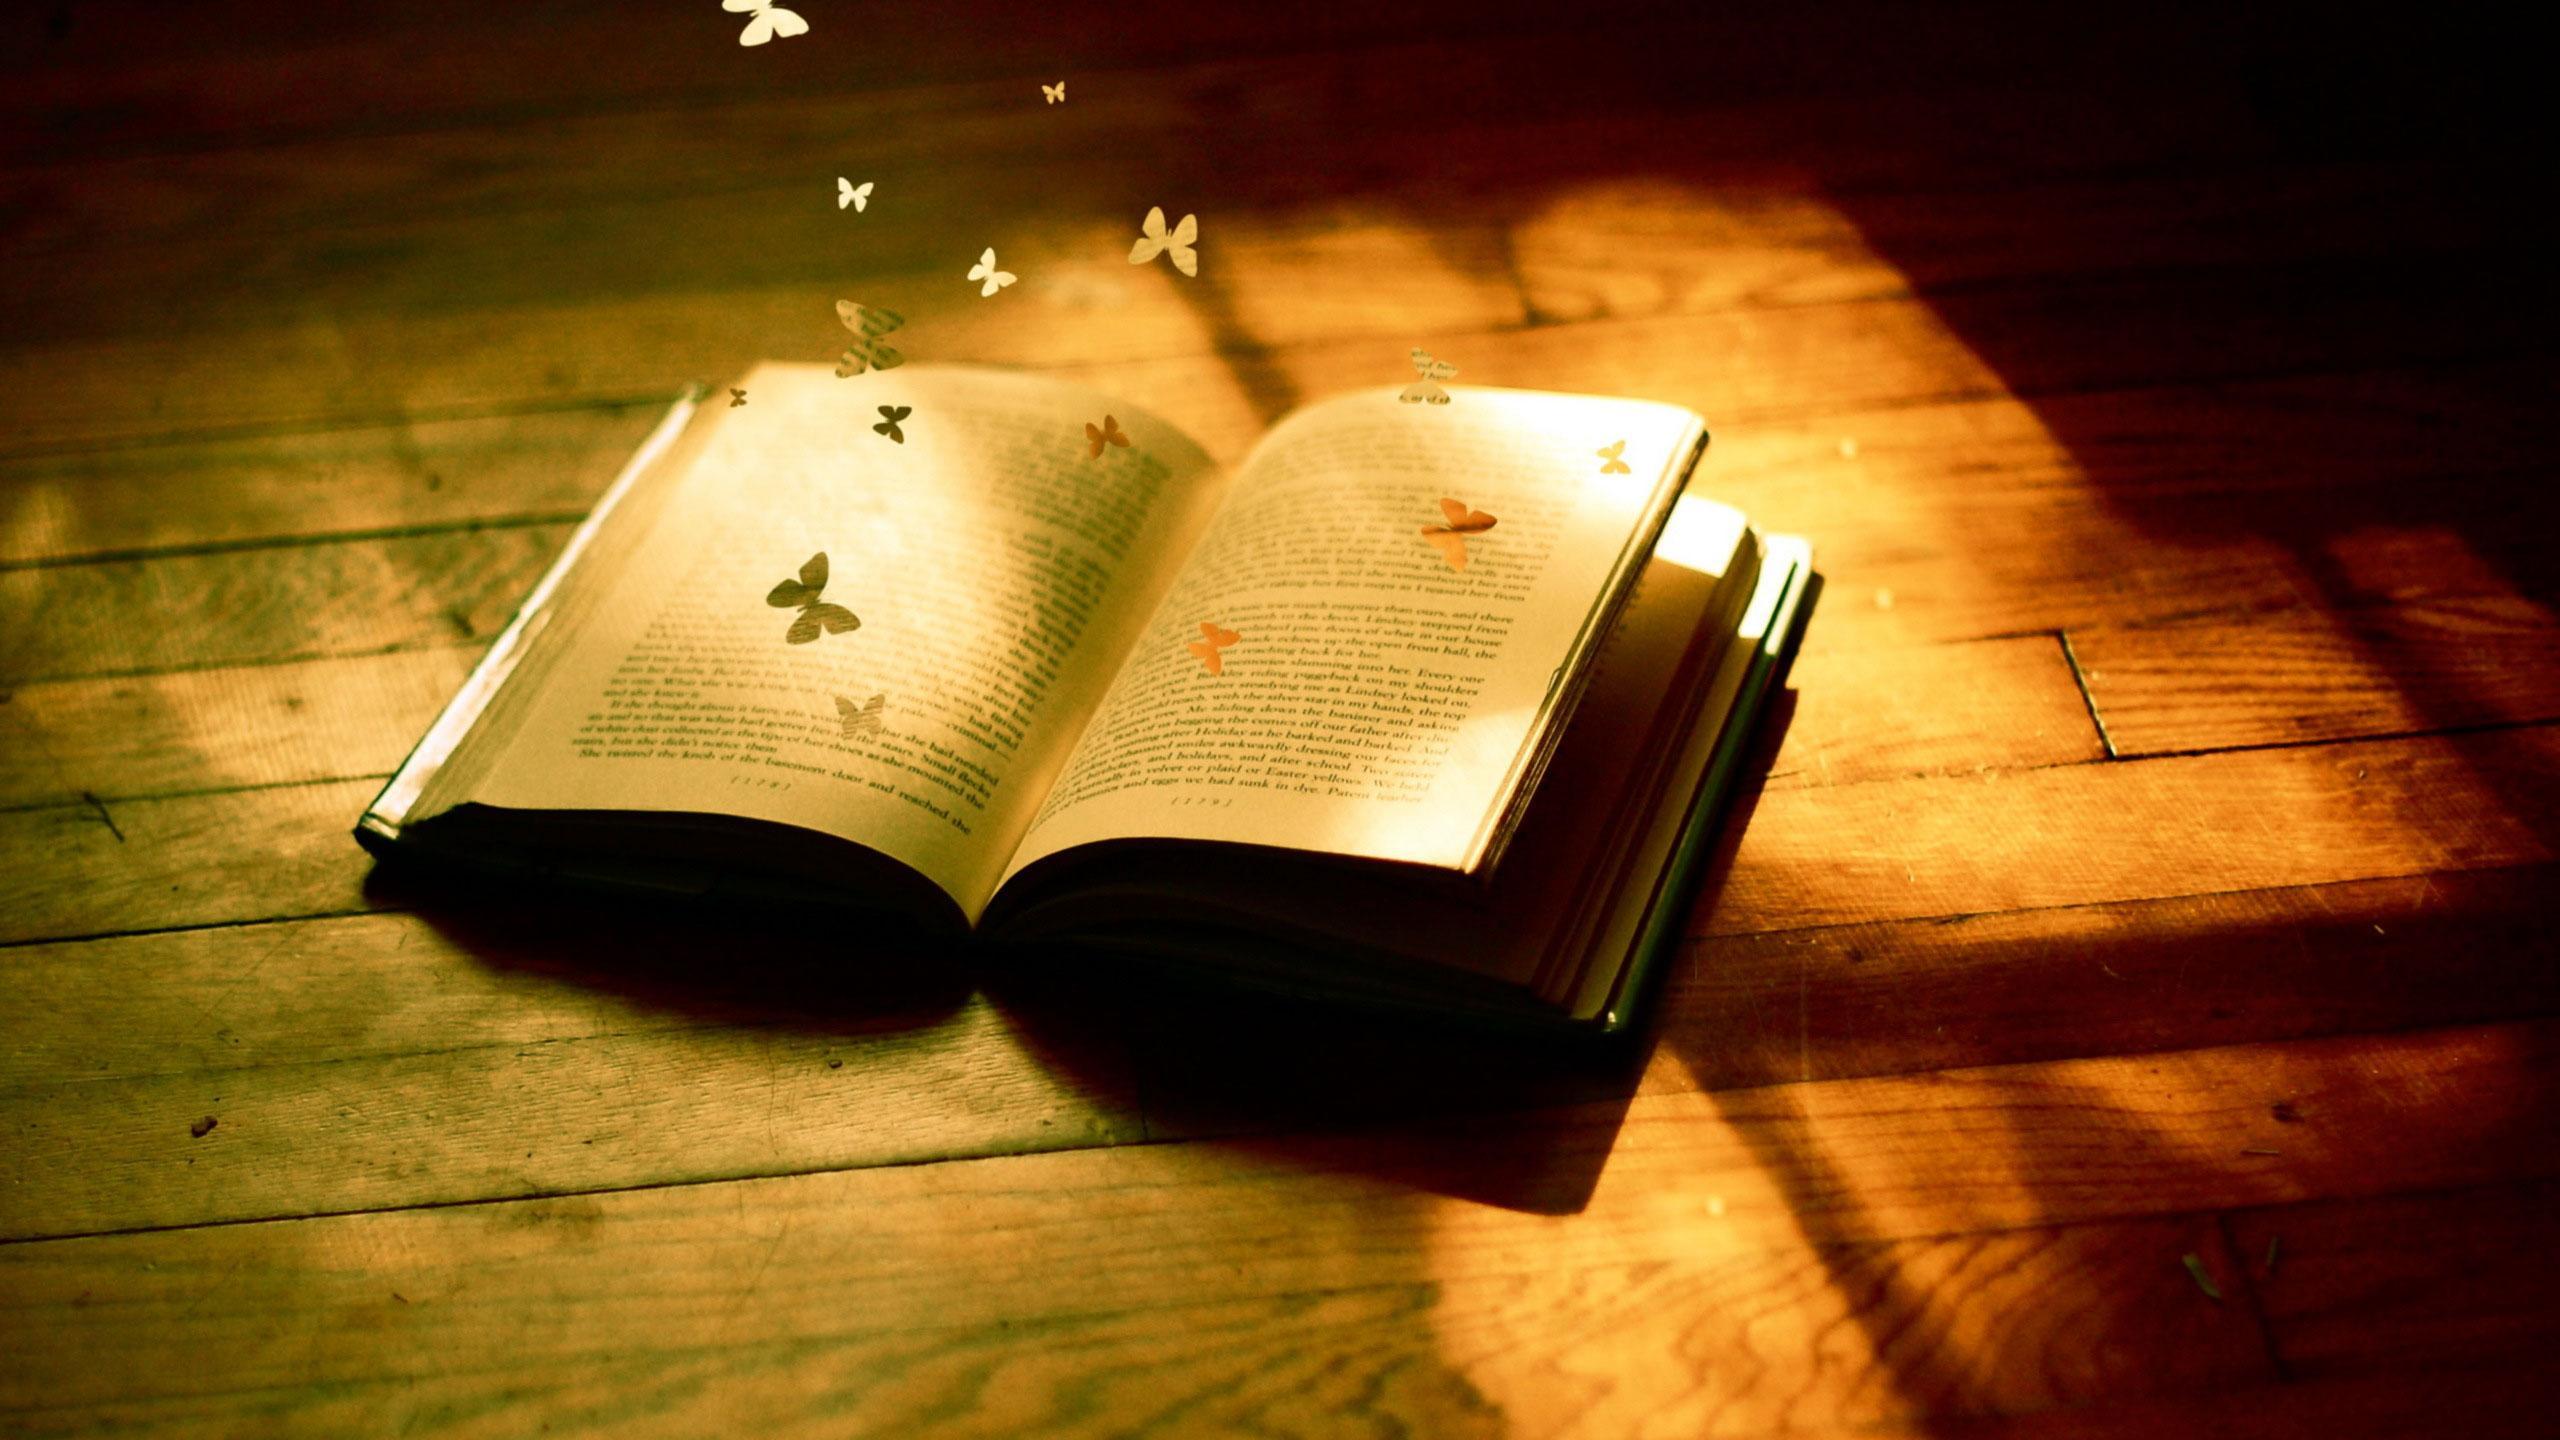 książka na podłodze